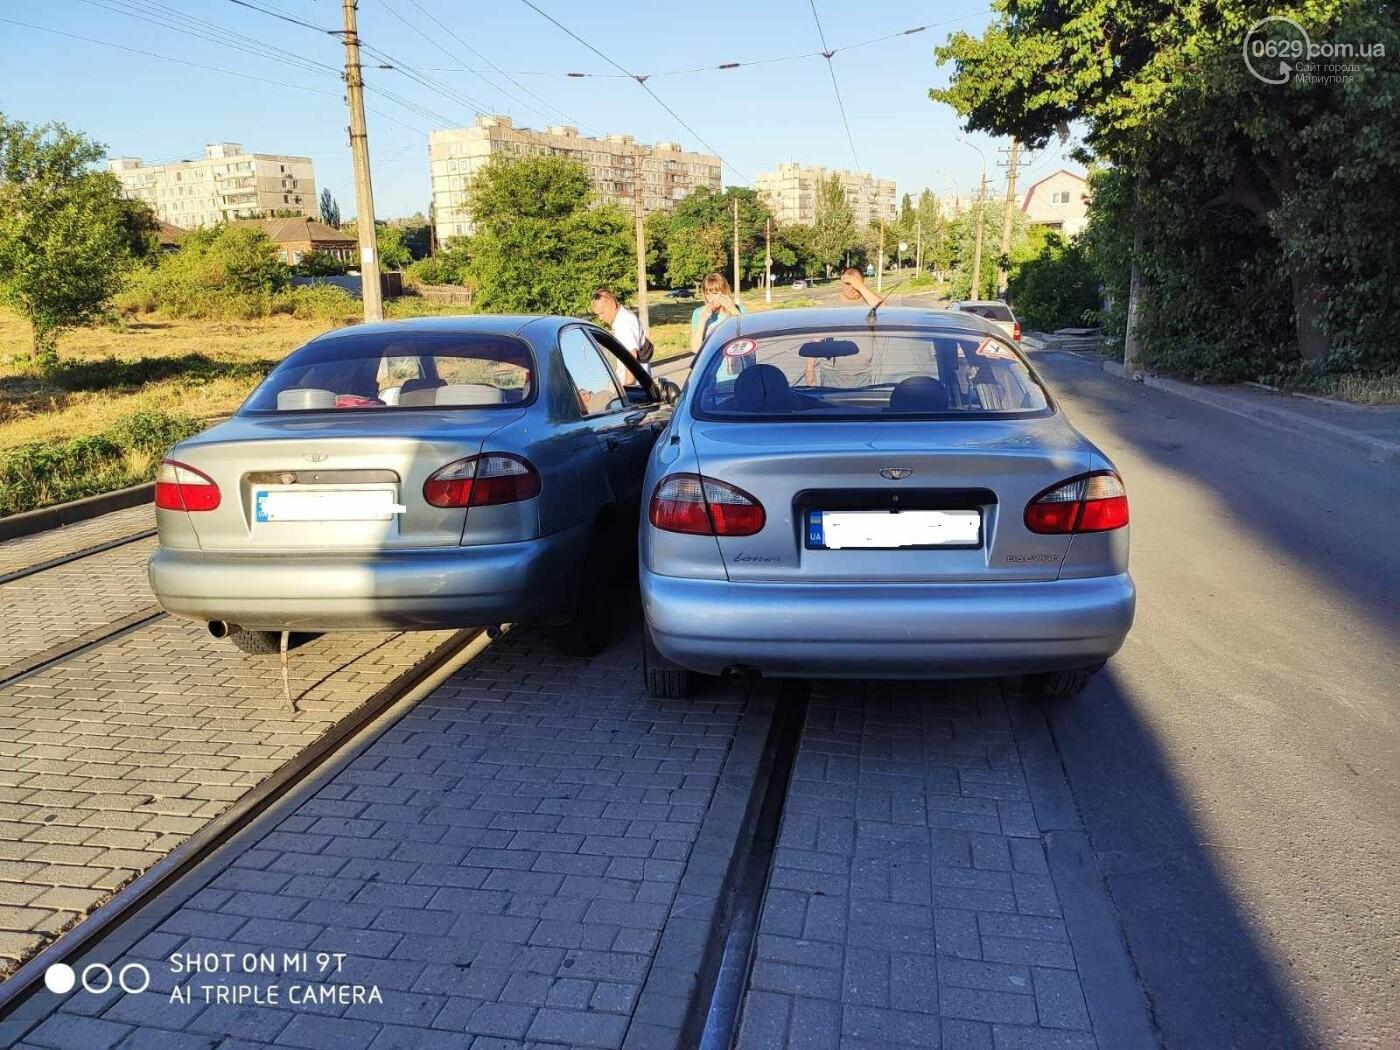 В Мариуполе два Daewoo столкнулись на трамвайных рельсах, - ФОТО, фото-5